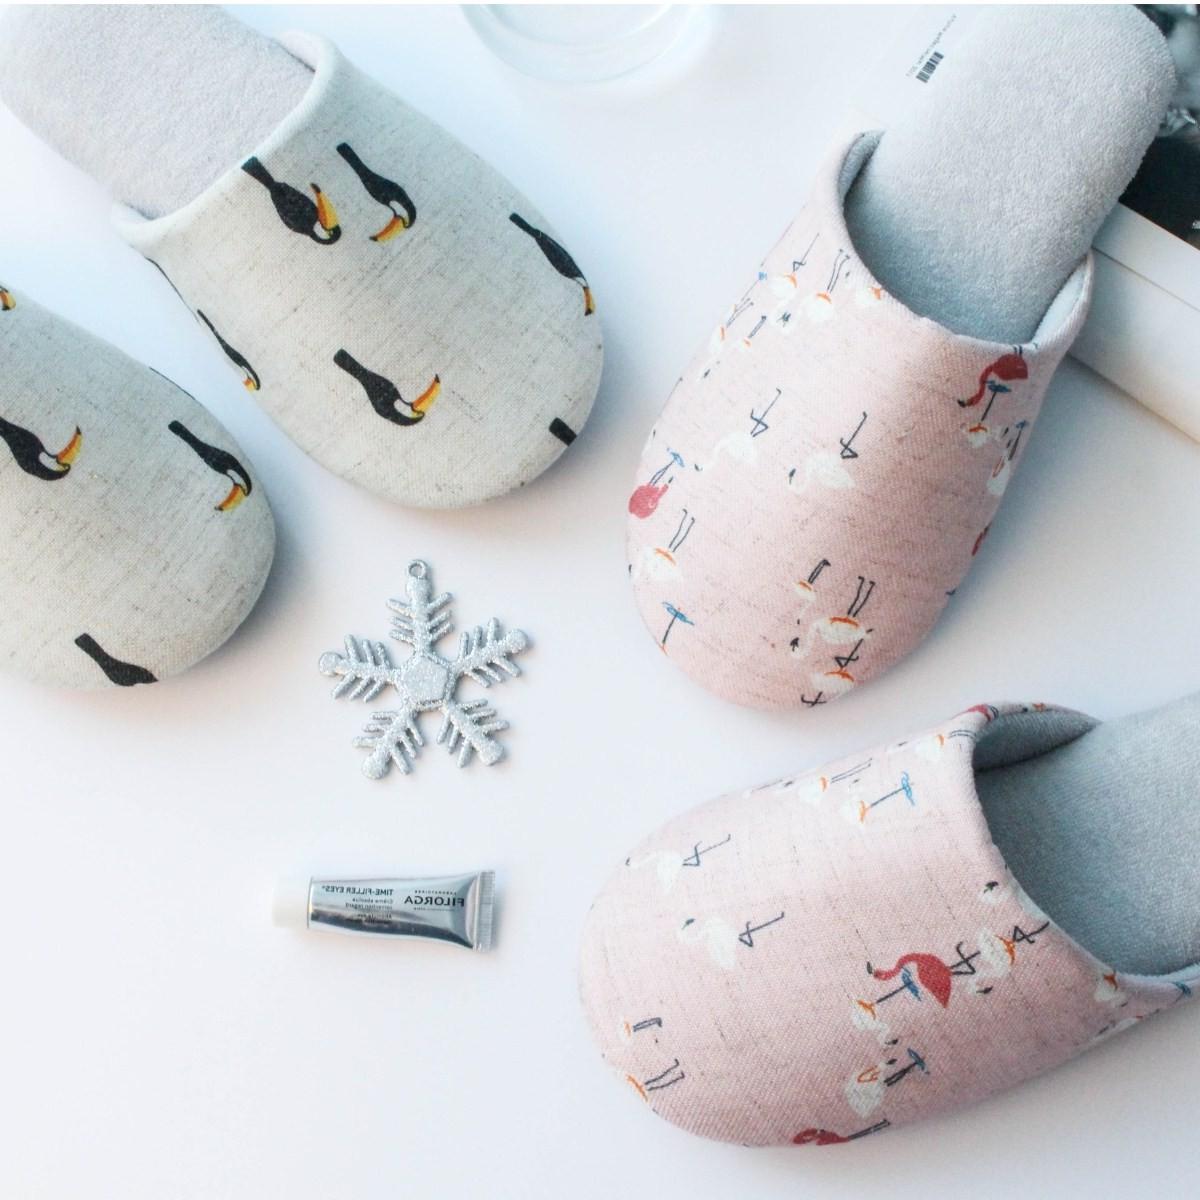 清新可爱小动物拖鞋家居儿童棉麻橡胶防滑儿童小码儿童亲子